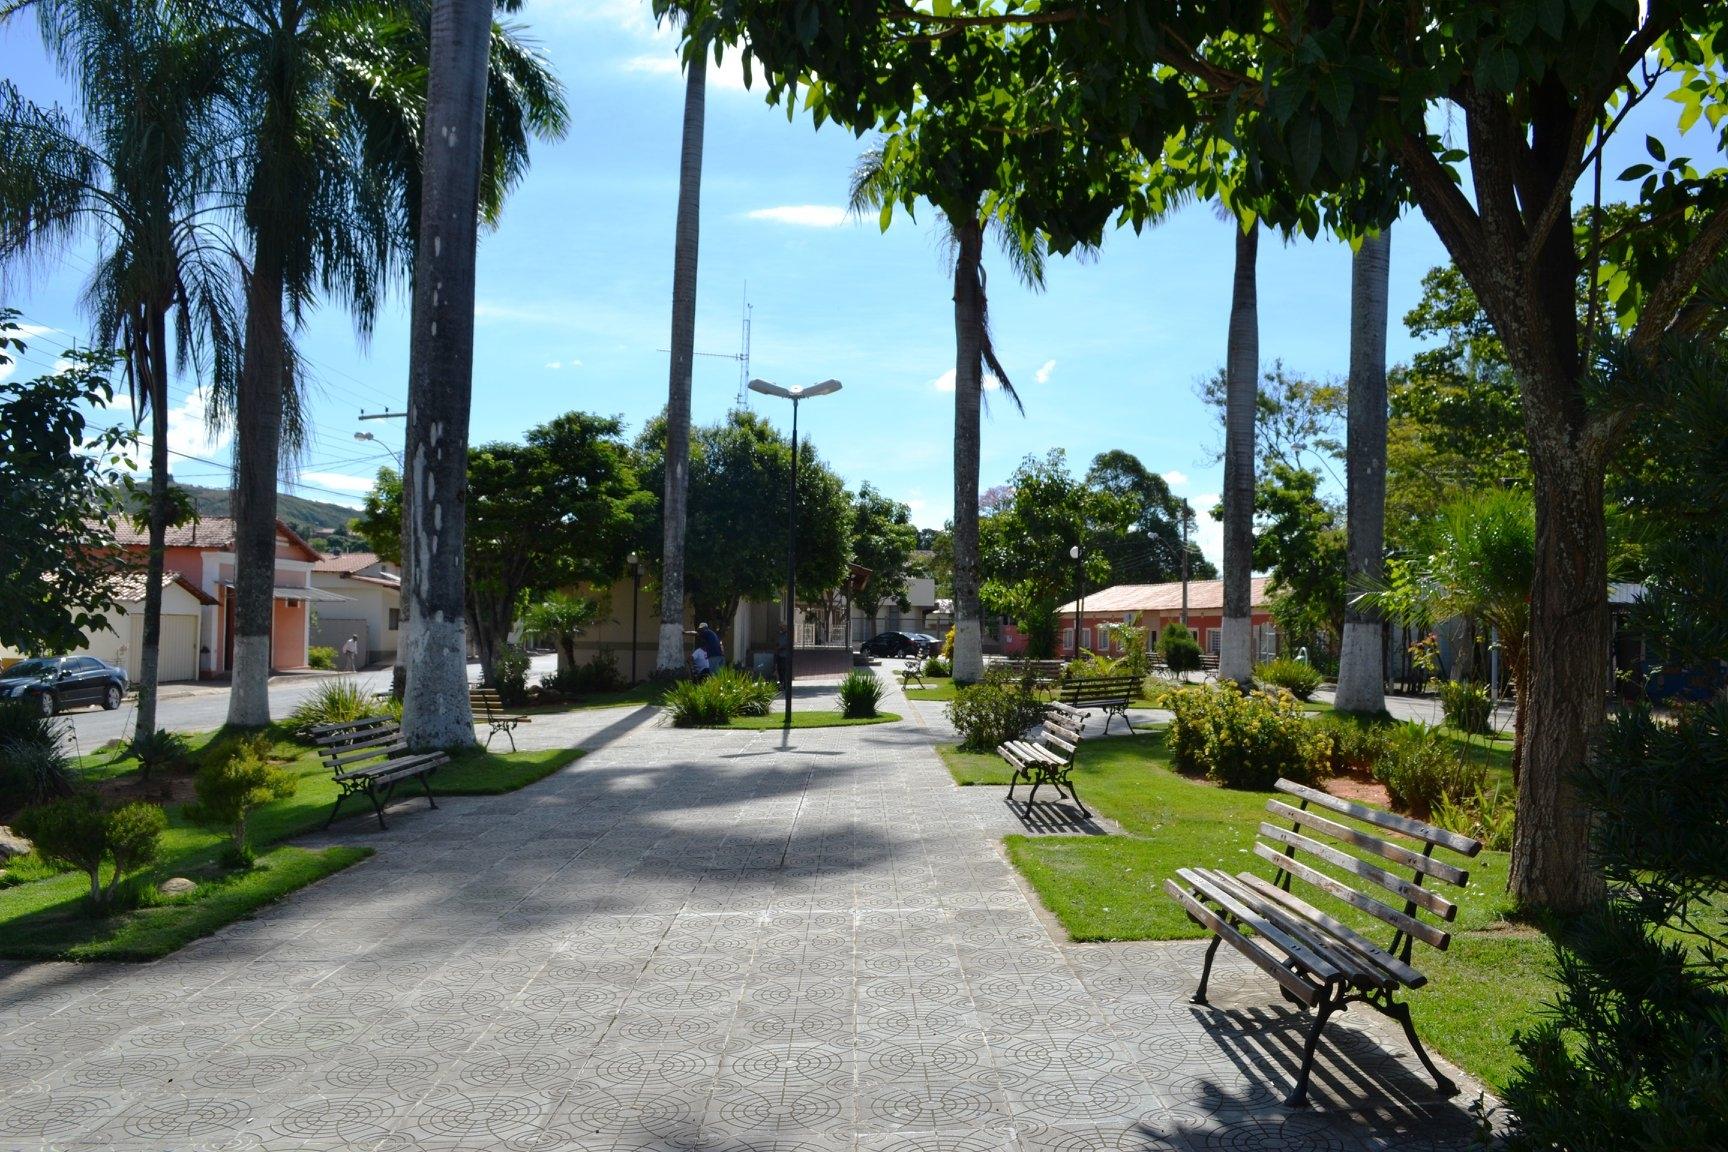 Serra da Saudade, no interior de Minas Gerais, é a menor cidade do Brasil, com 781 habitantes